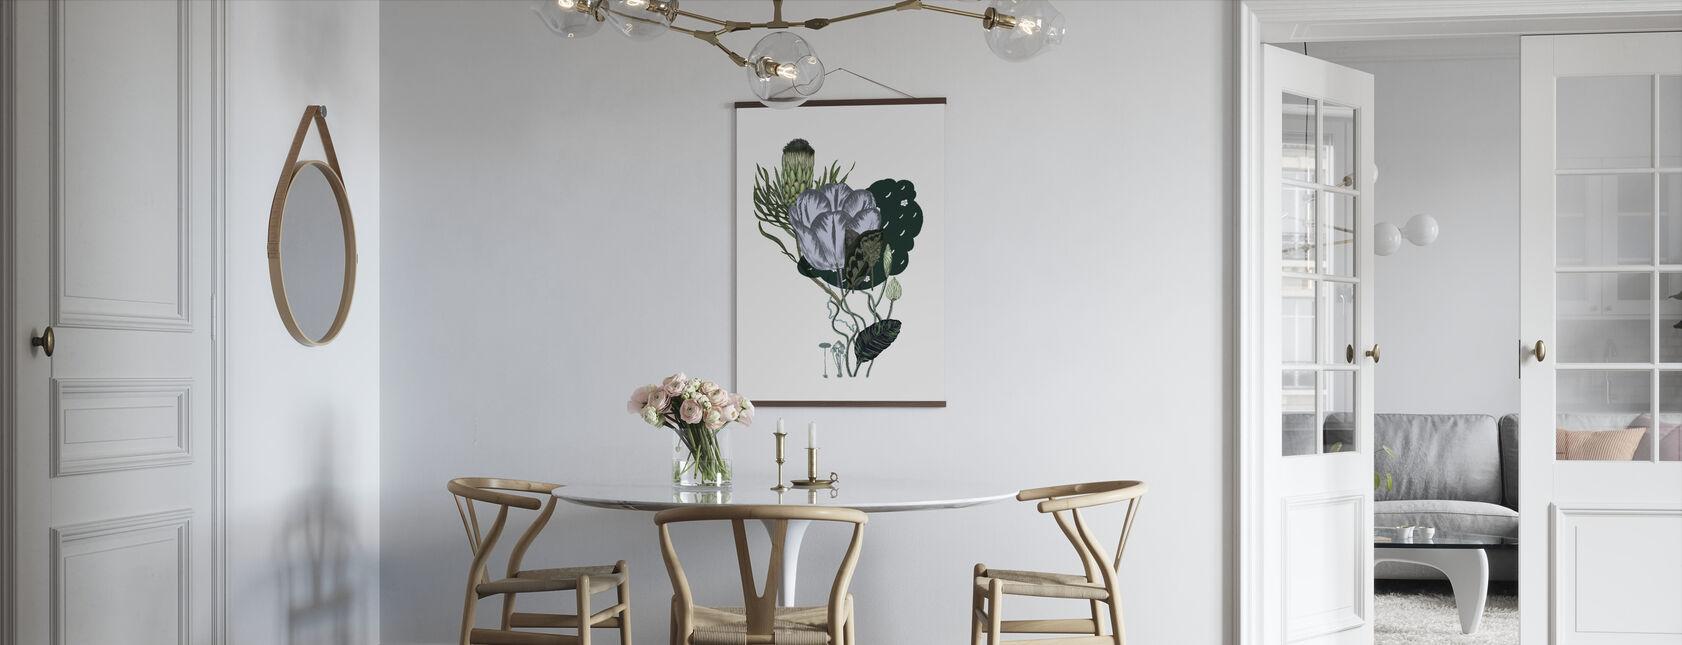 Artichoke Bouquet - Poster - Kitchen